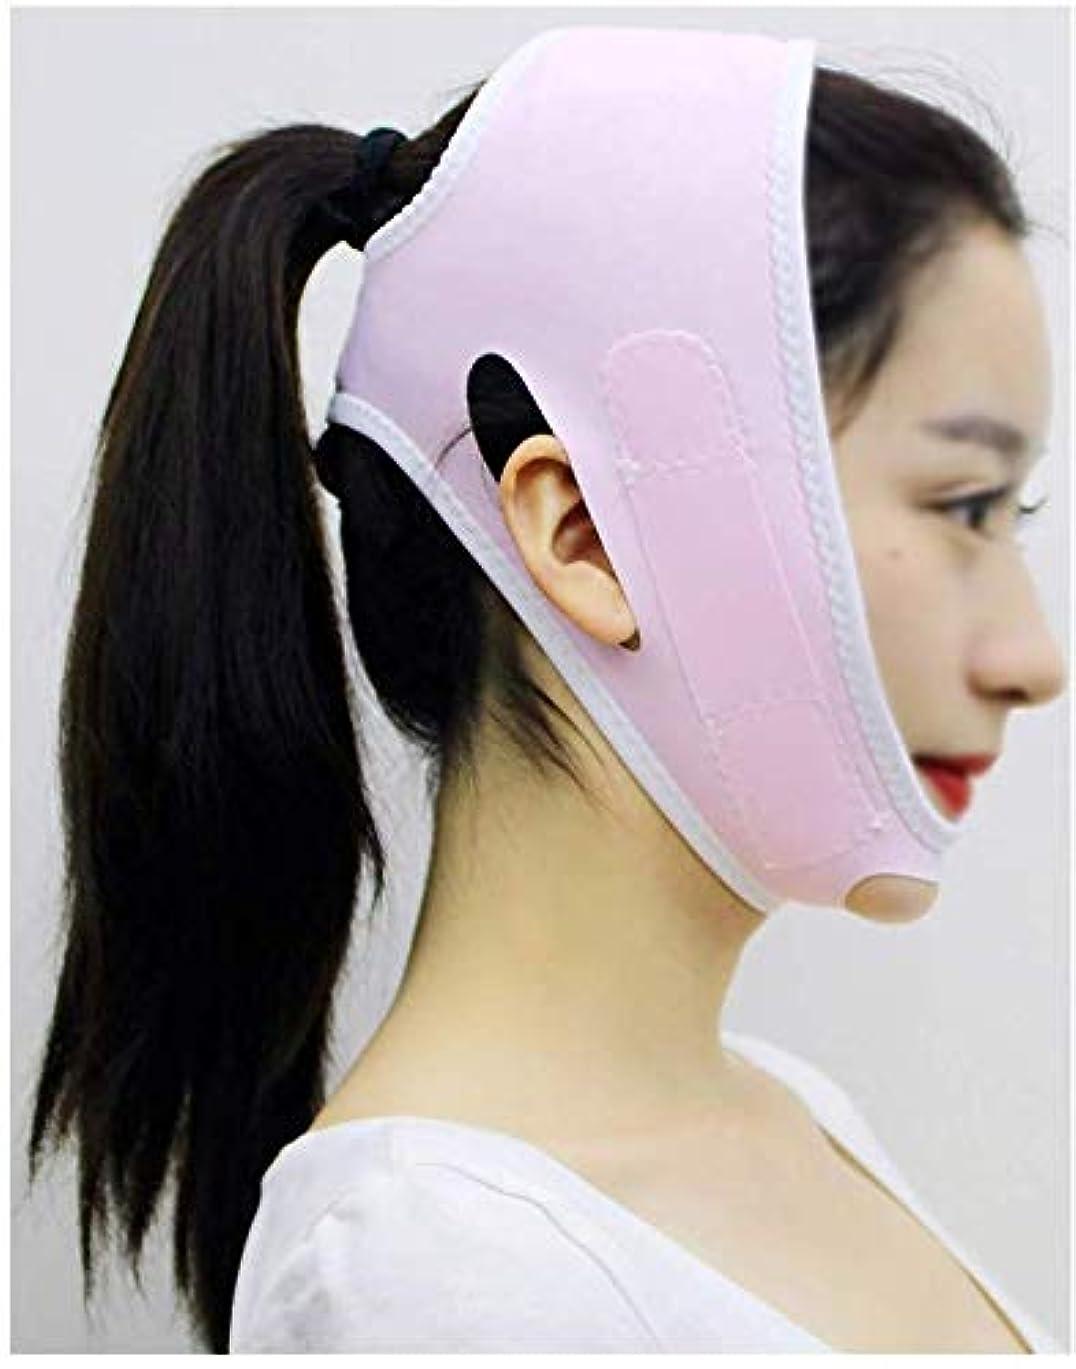 日付補正アーサー美容と実用的なフェイスリフトマスク、チンストラップの回復ポスト包帯ヘッドギアフェイスマスクフェイスリフト小さなV顔アーティファクト形成美容弾性バンドフェイスとネックリフト(サイズ:ピンク)